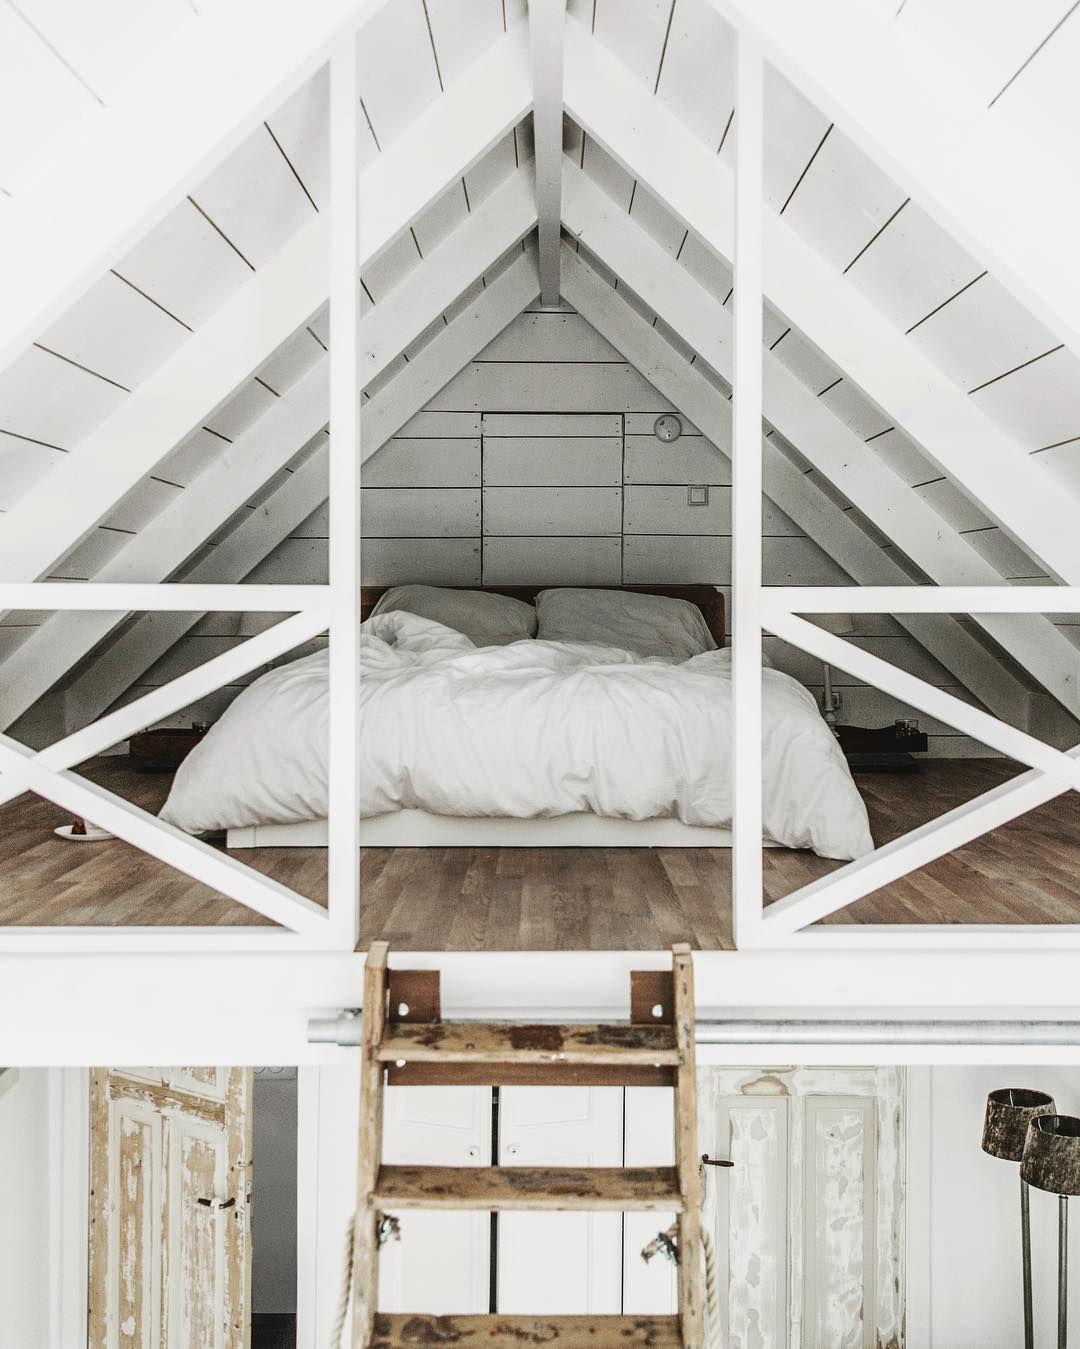 une mezzanine perch e sous les toits chambre pinterest sous les toits mezzanine et le toit. Black Bedroom Furniture Sets. Home Design Ideas